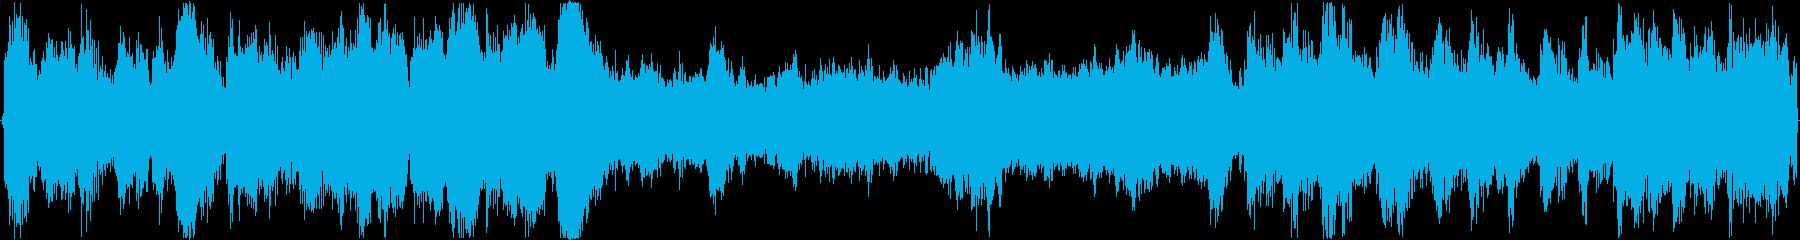 希望を感じるオーケストラ曲(ループなし)の再生済みの波形